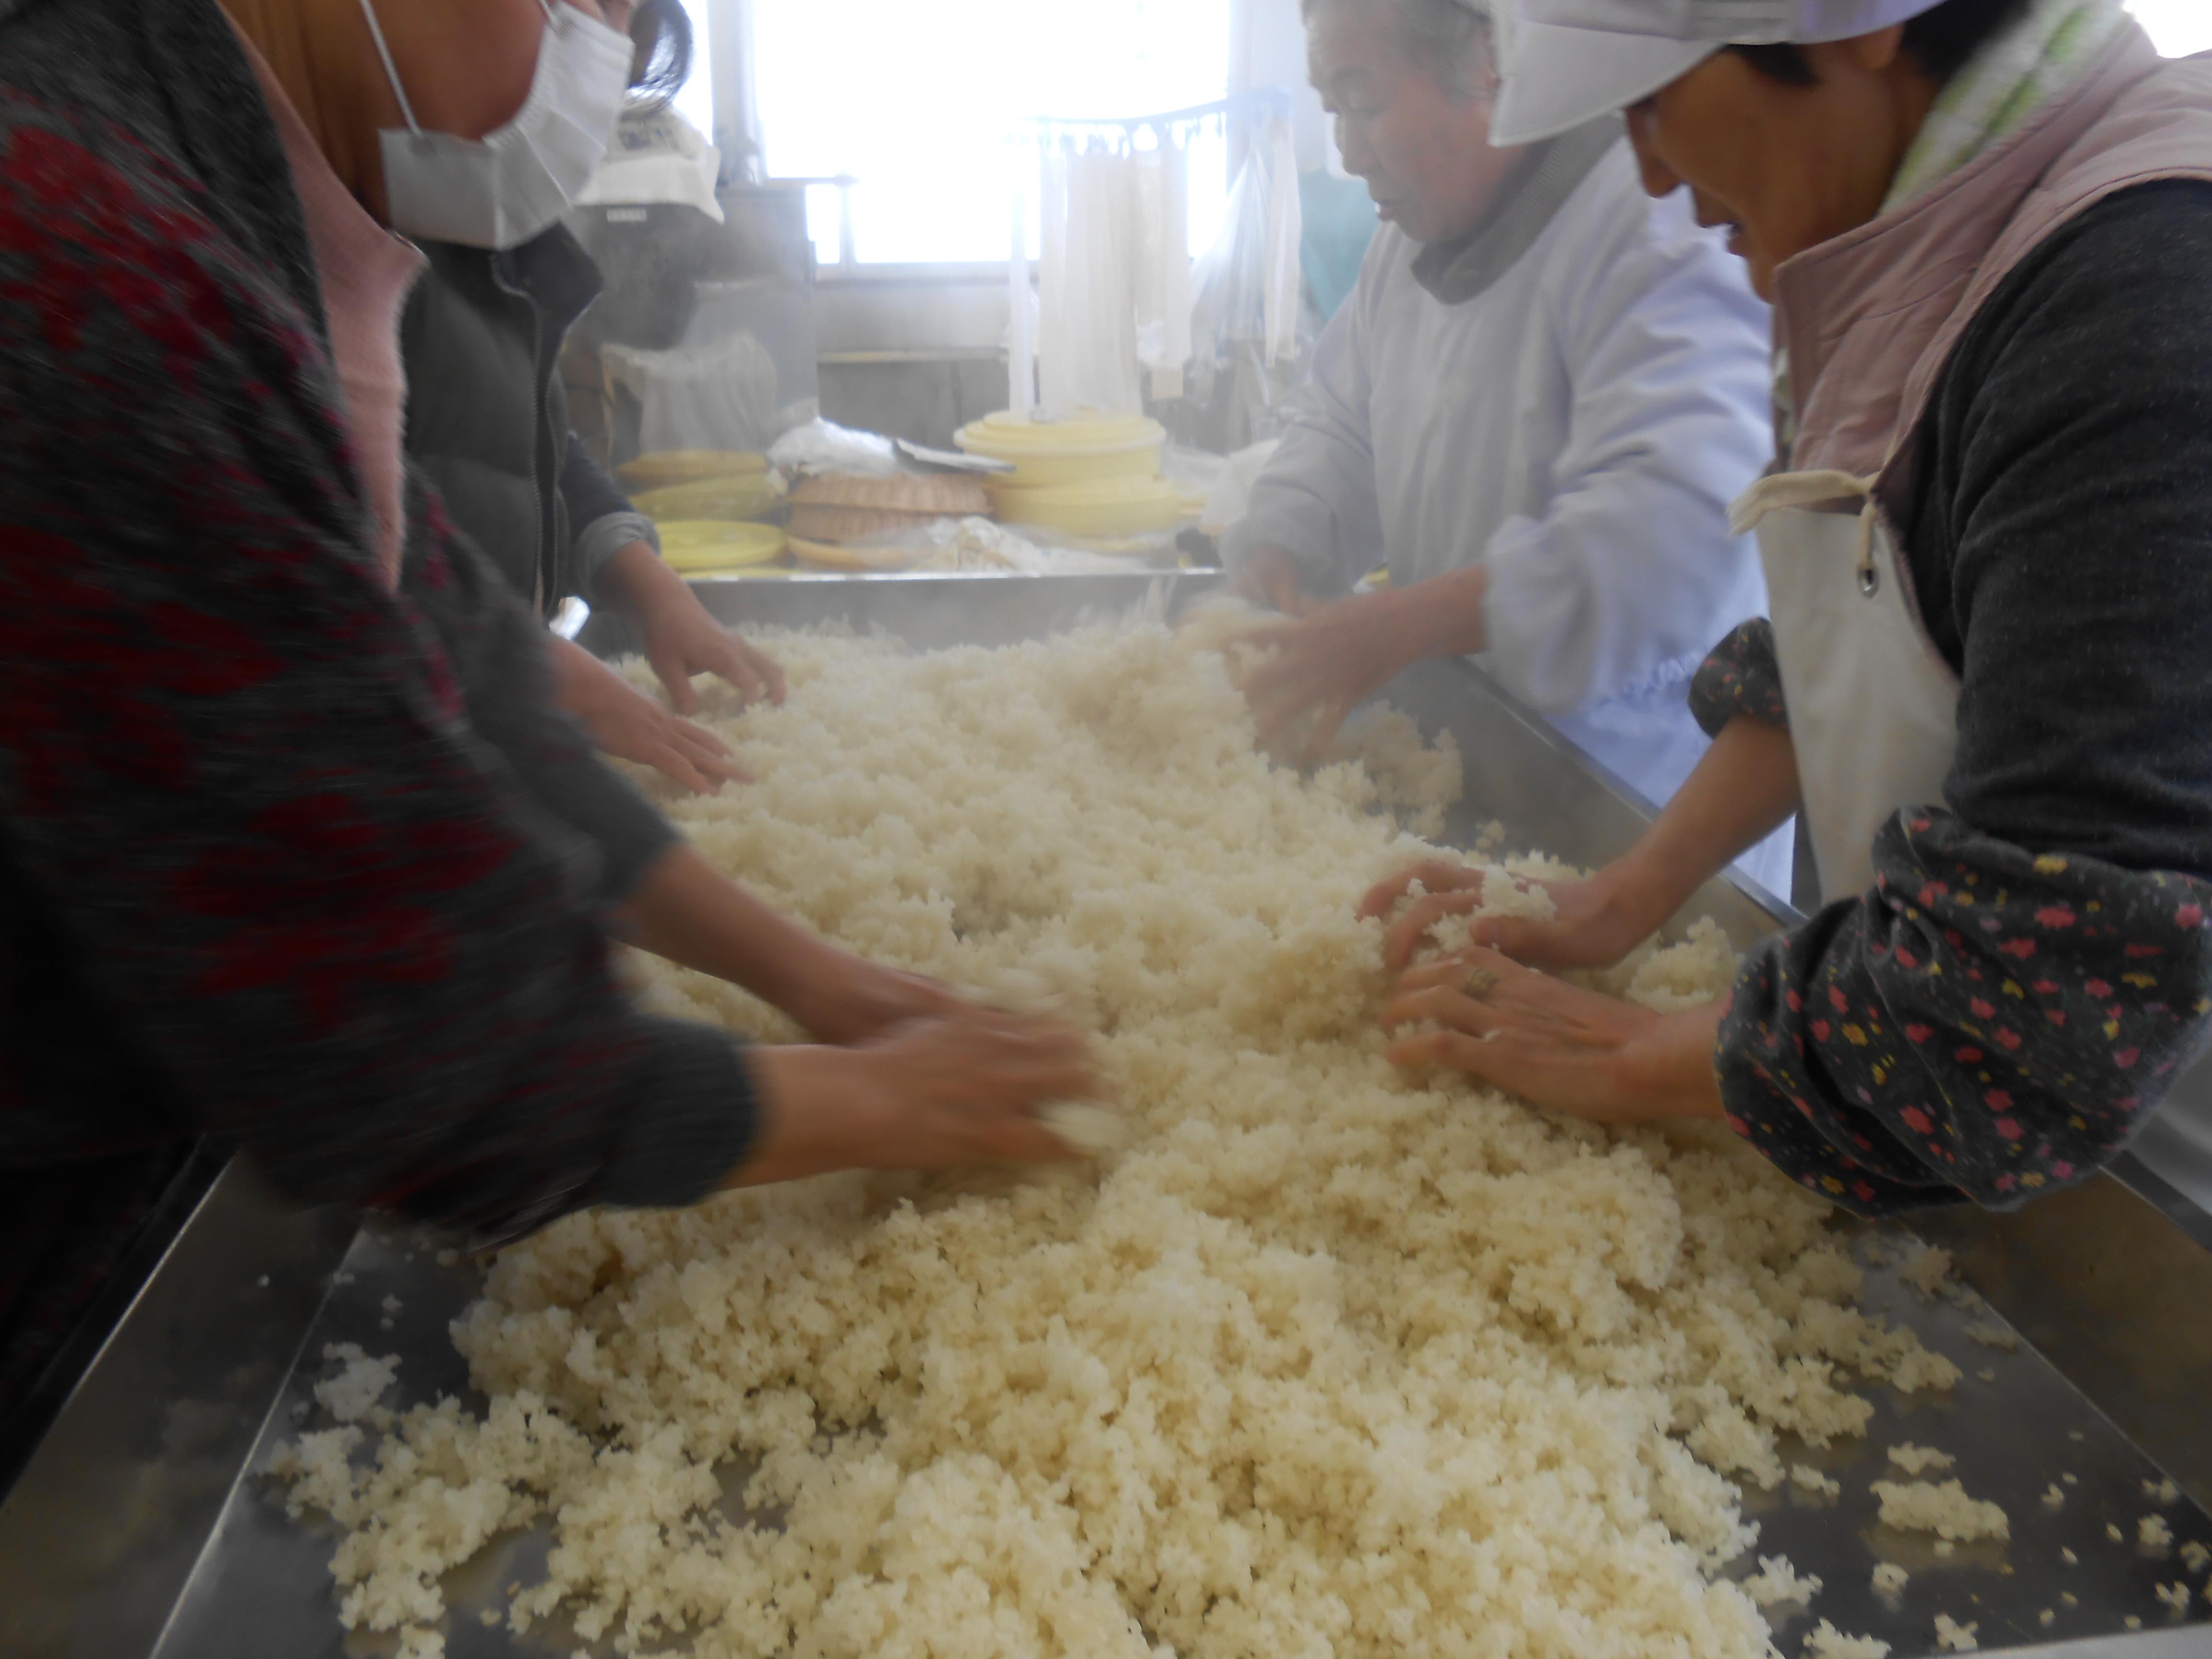 味噌とカステラ作り体験